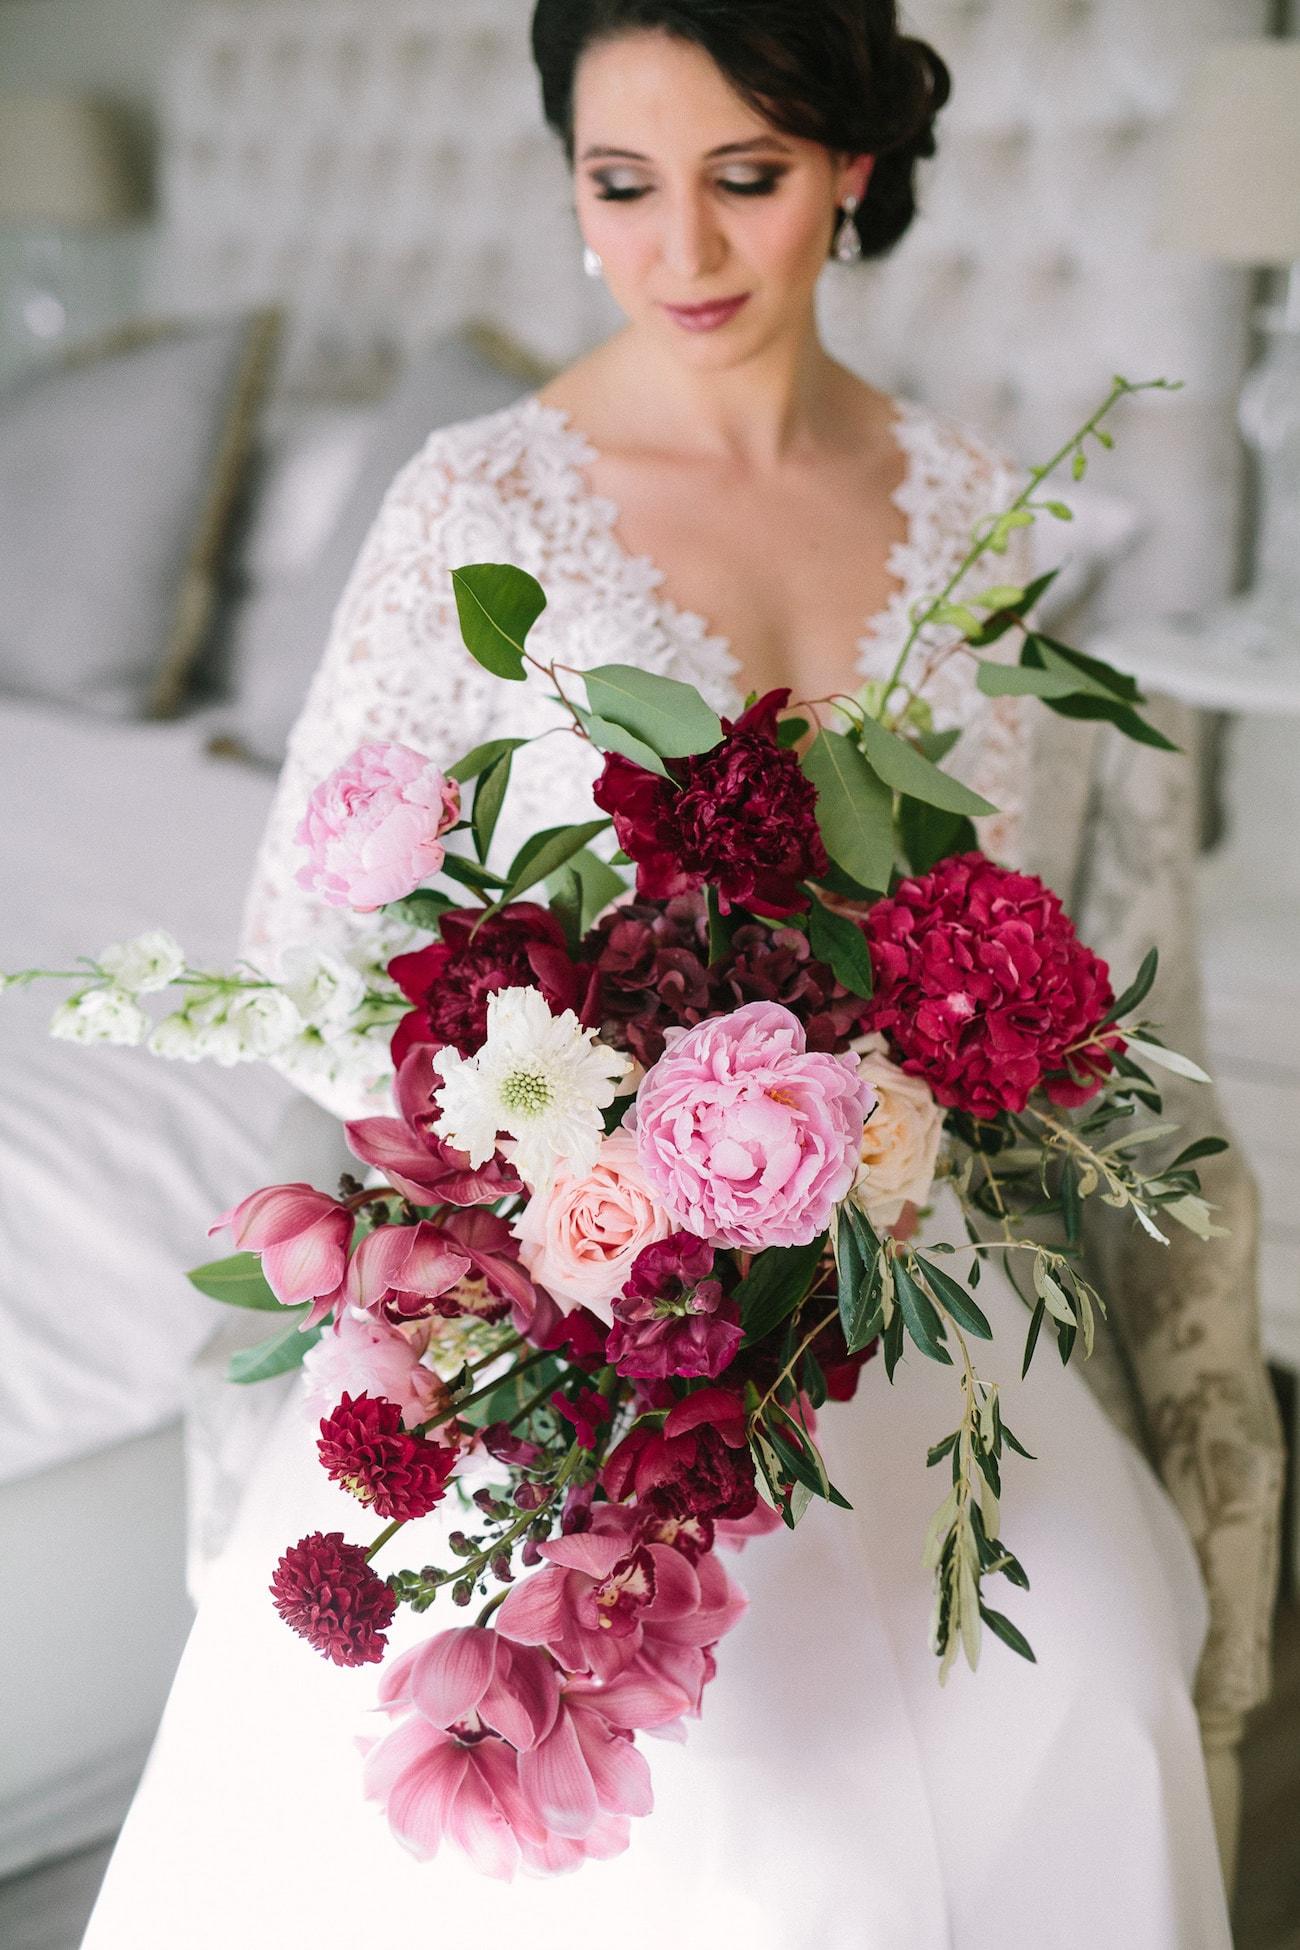 Best Flowers for a Wedding Bouquet   Arabia Weddings